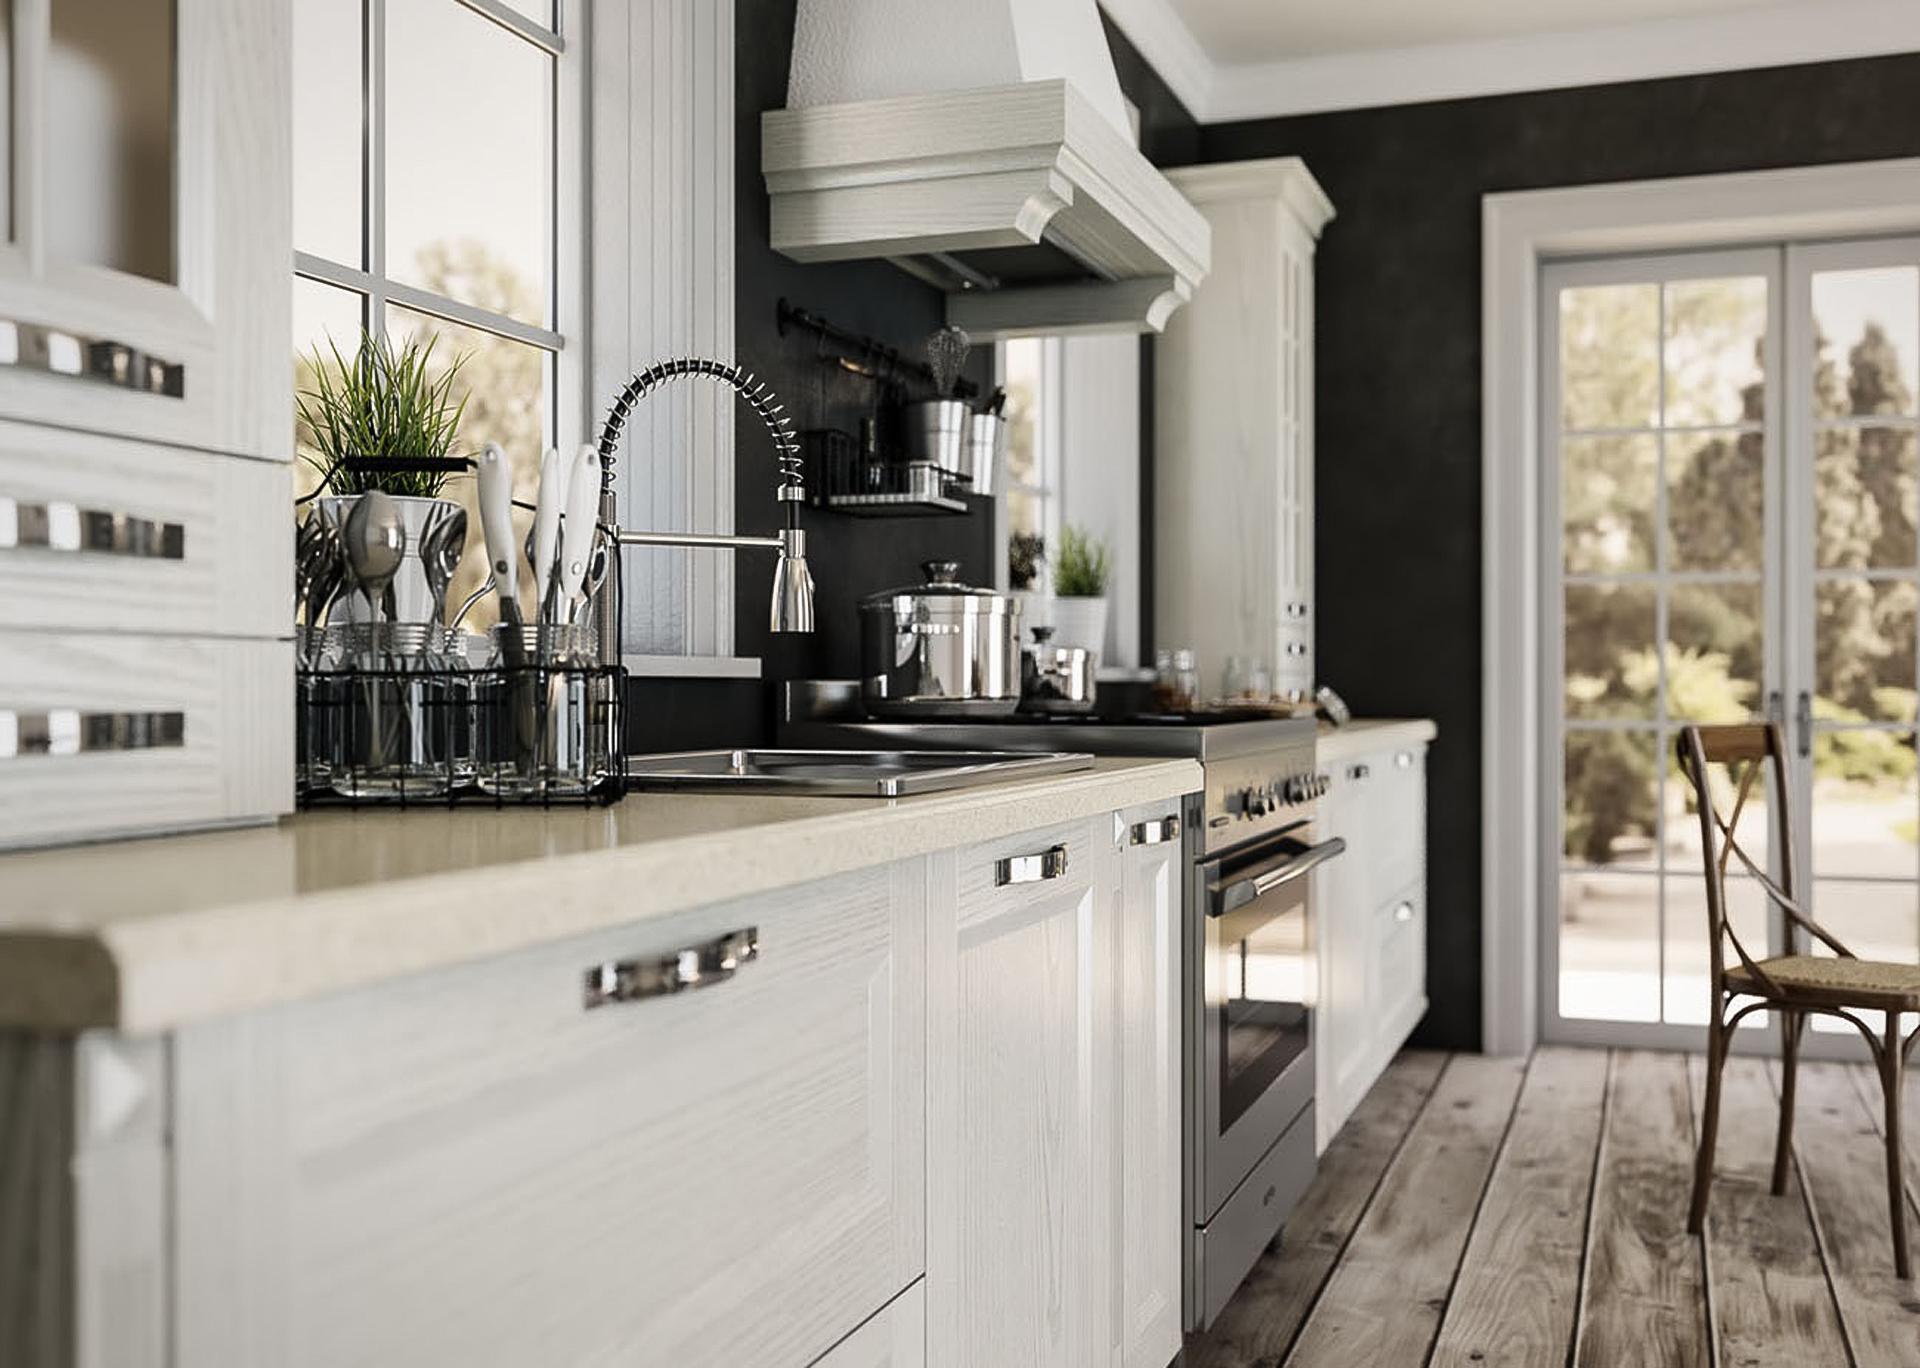 küchenzeile rustikal designer küchen küchenzeile mit elektrogeräten einbauküche rustikal